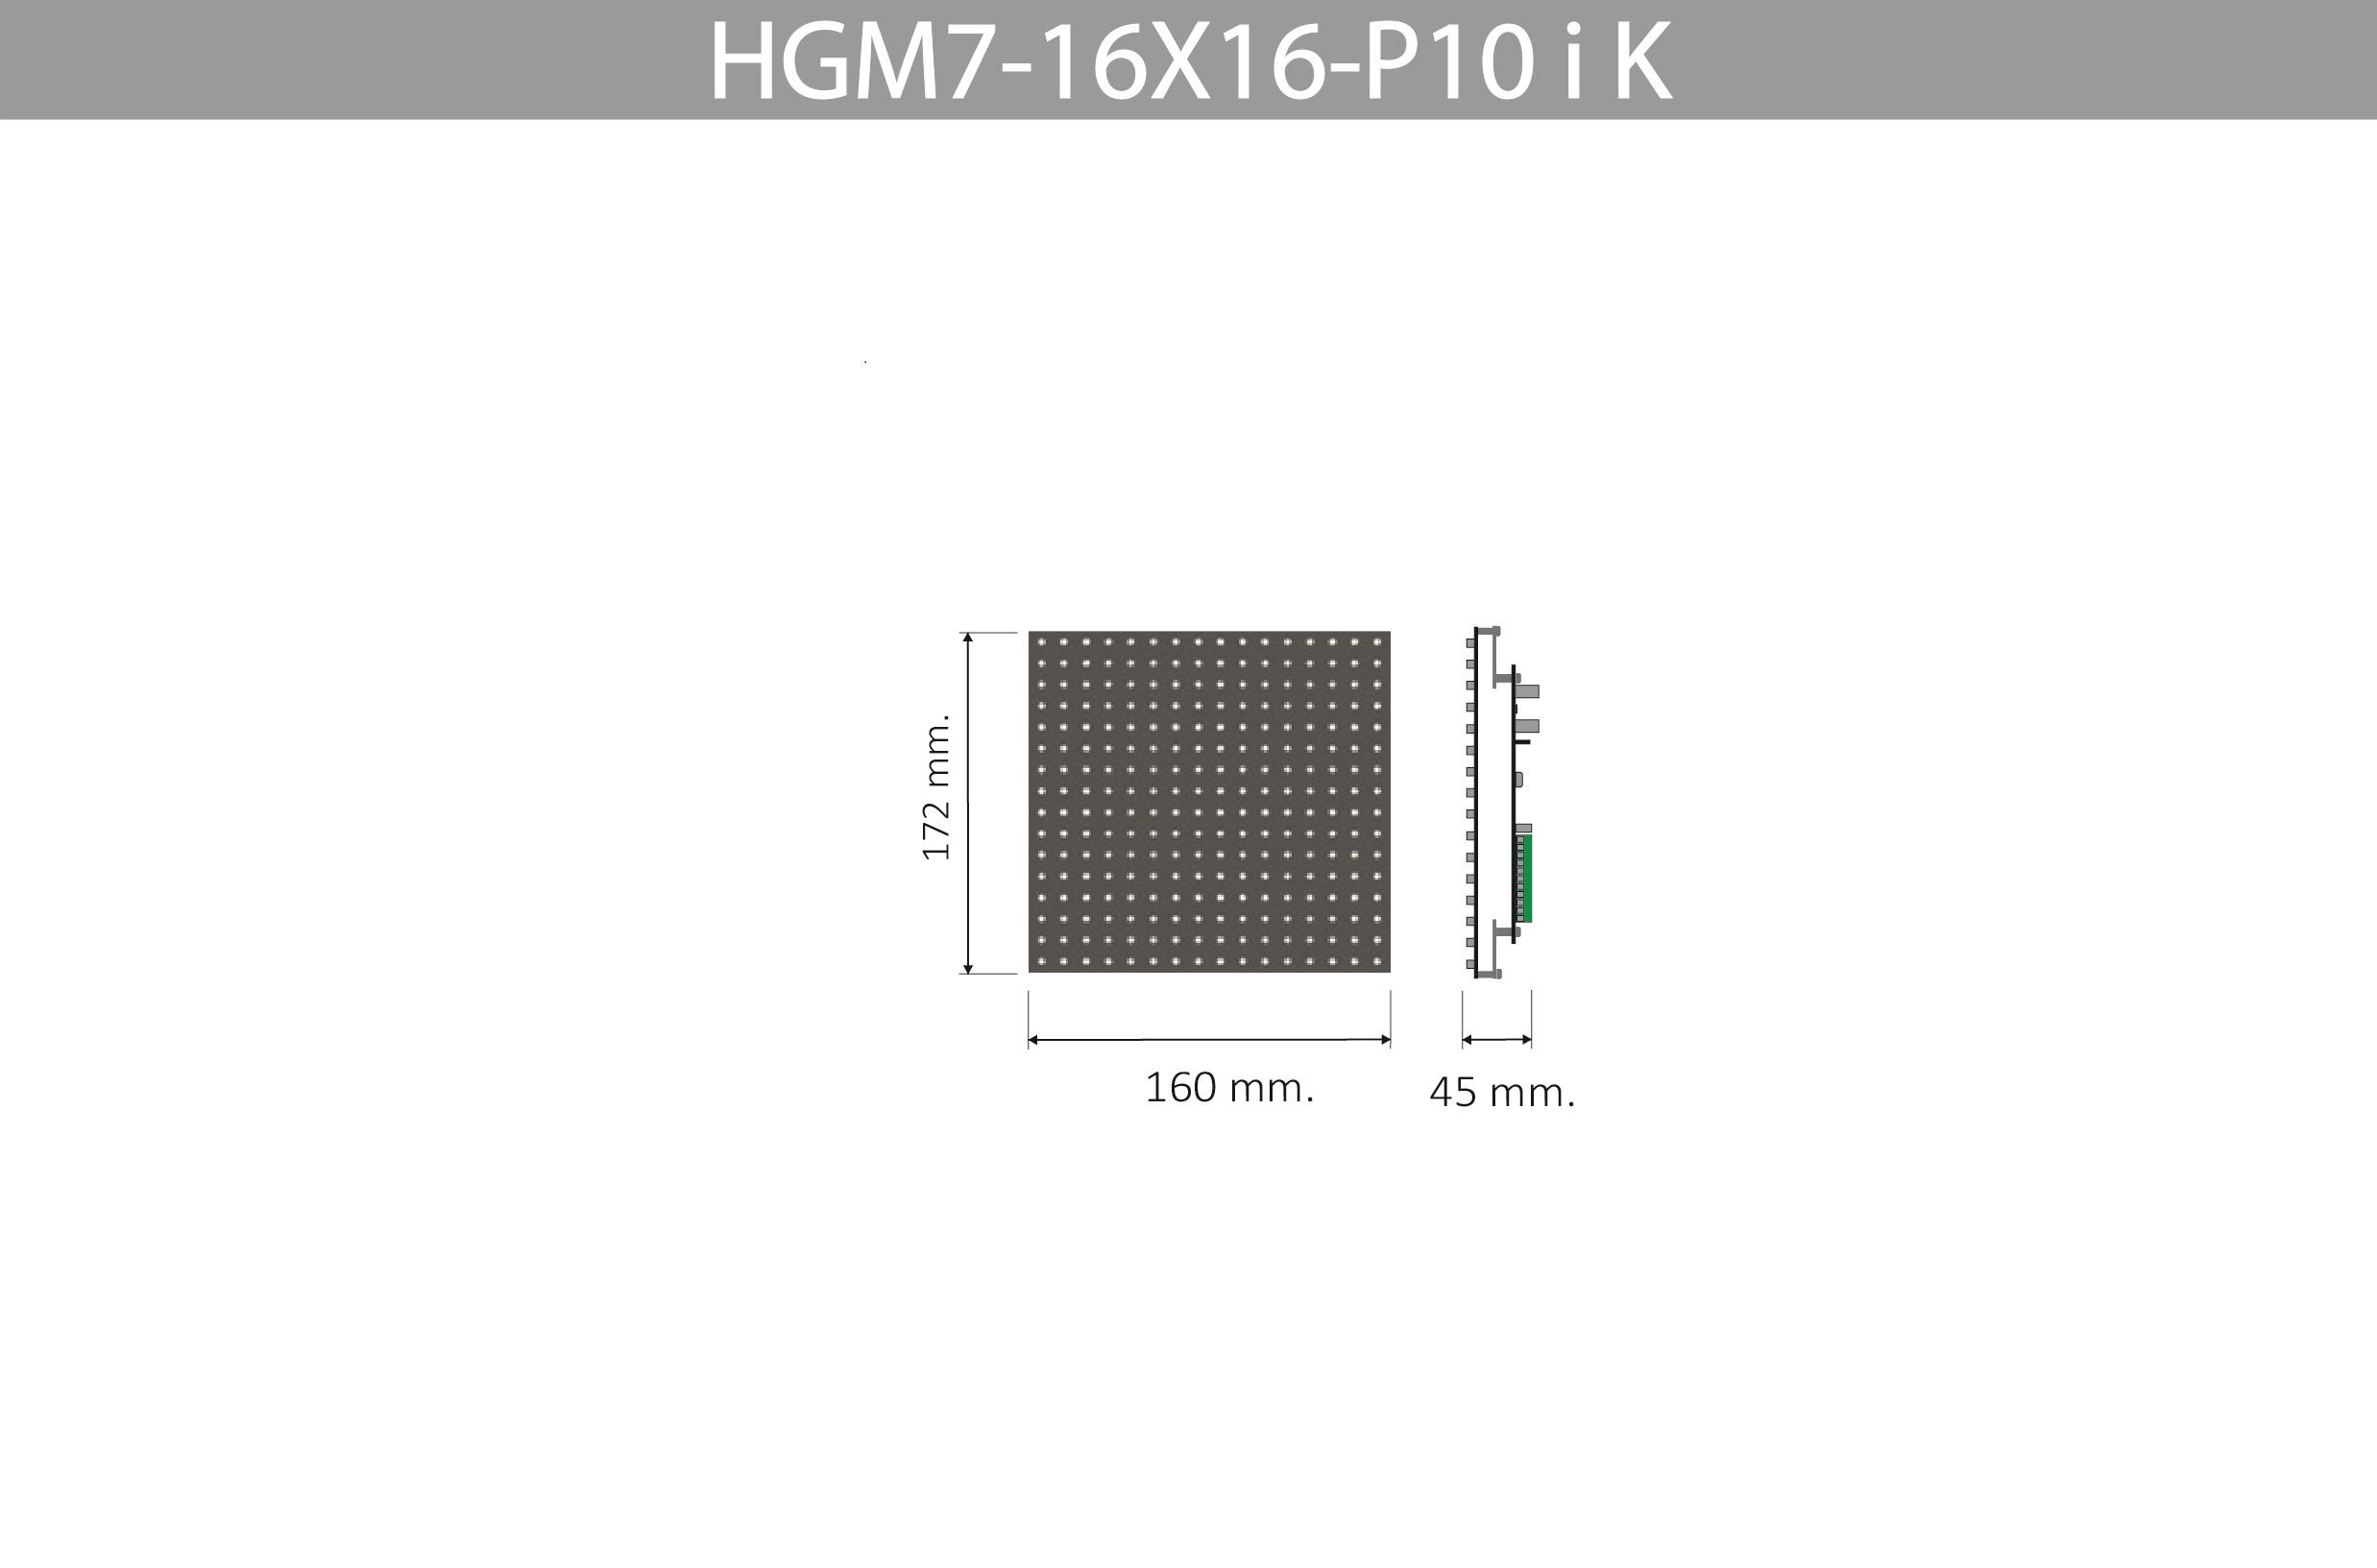 HGM7 16X16 P10 I K